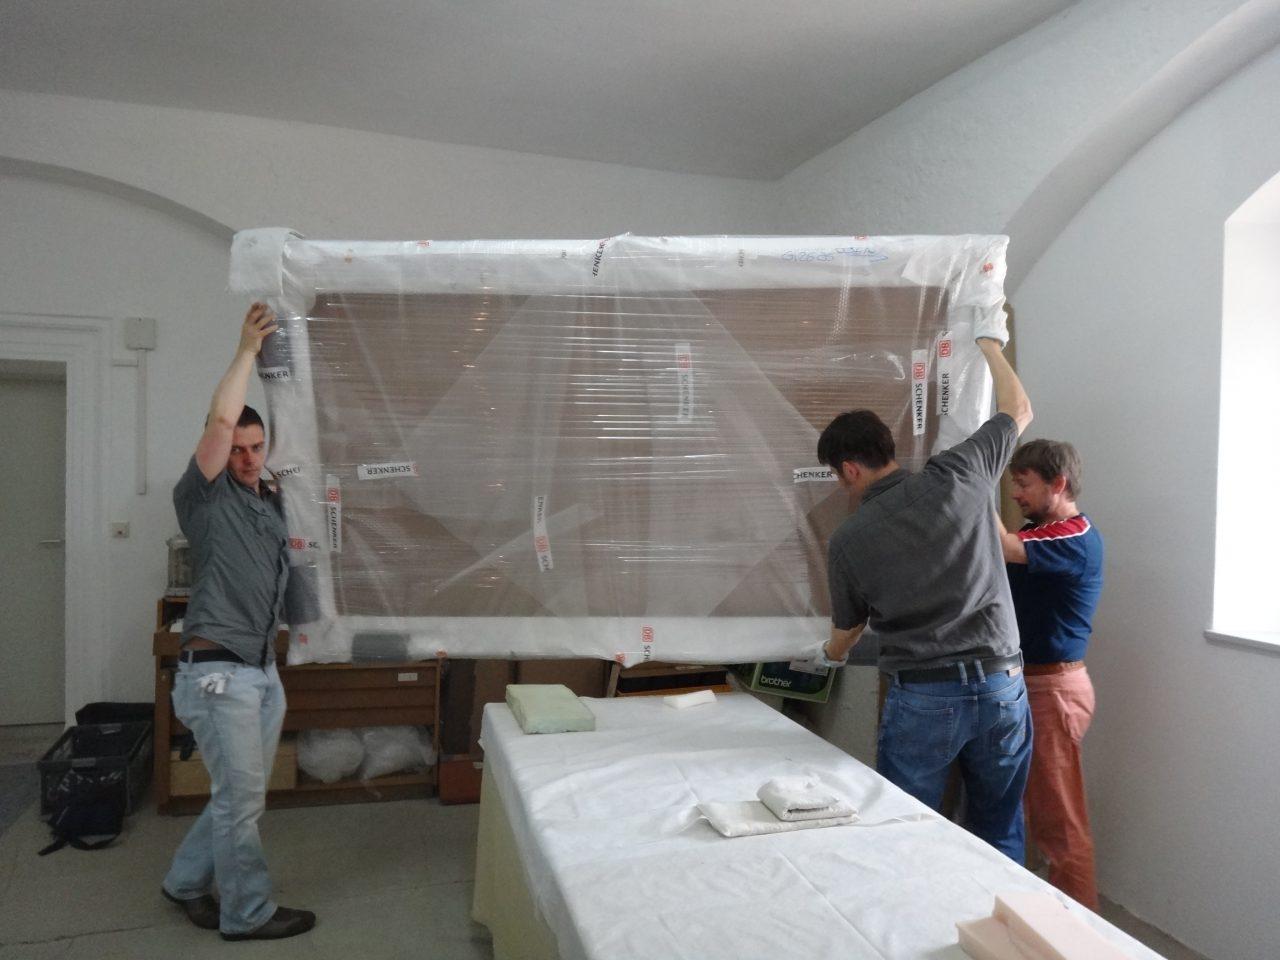 Mitarbeiter tragen verpackten Rahmen